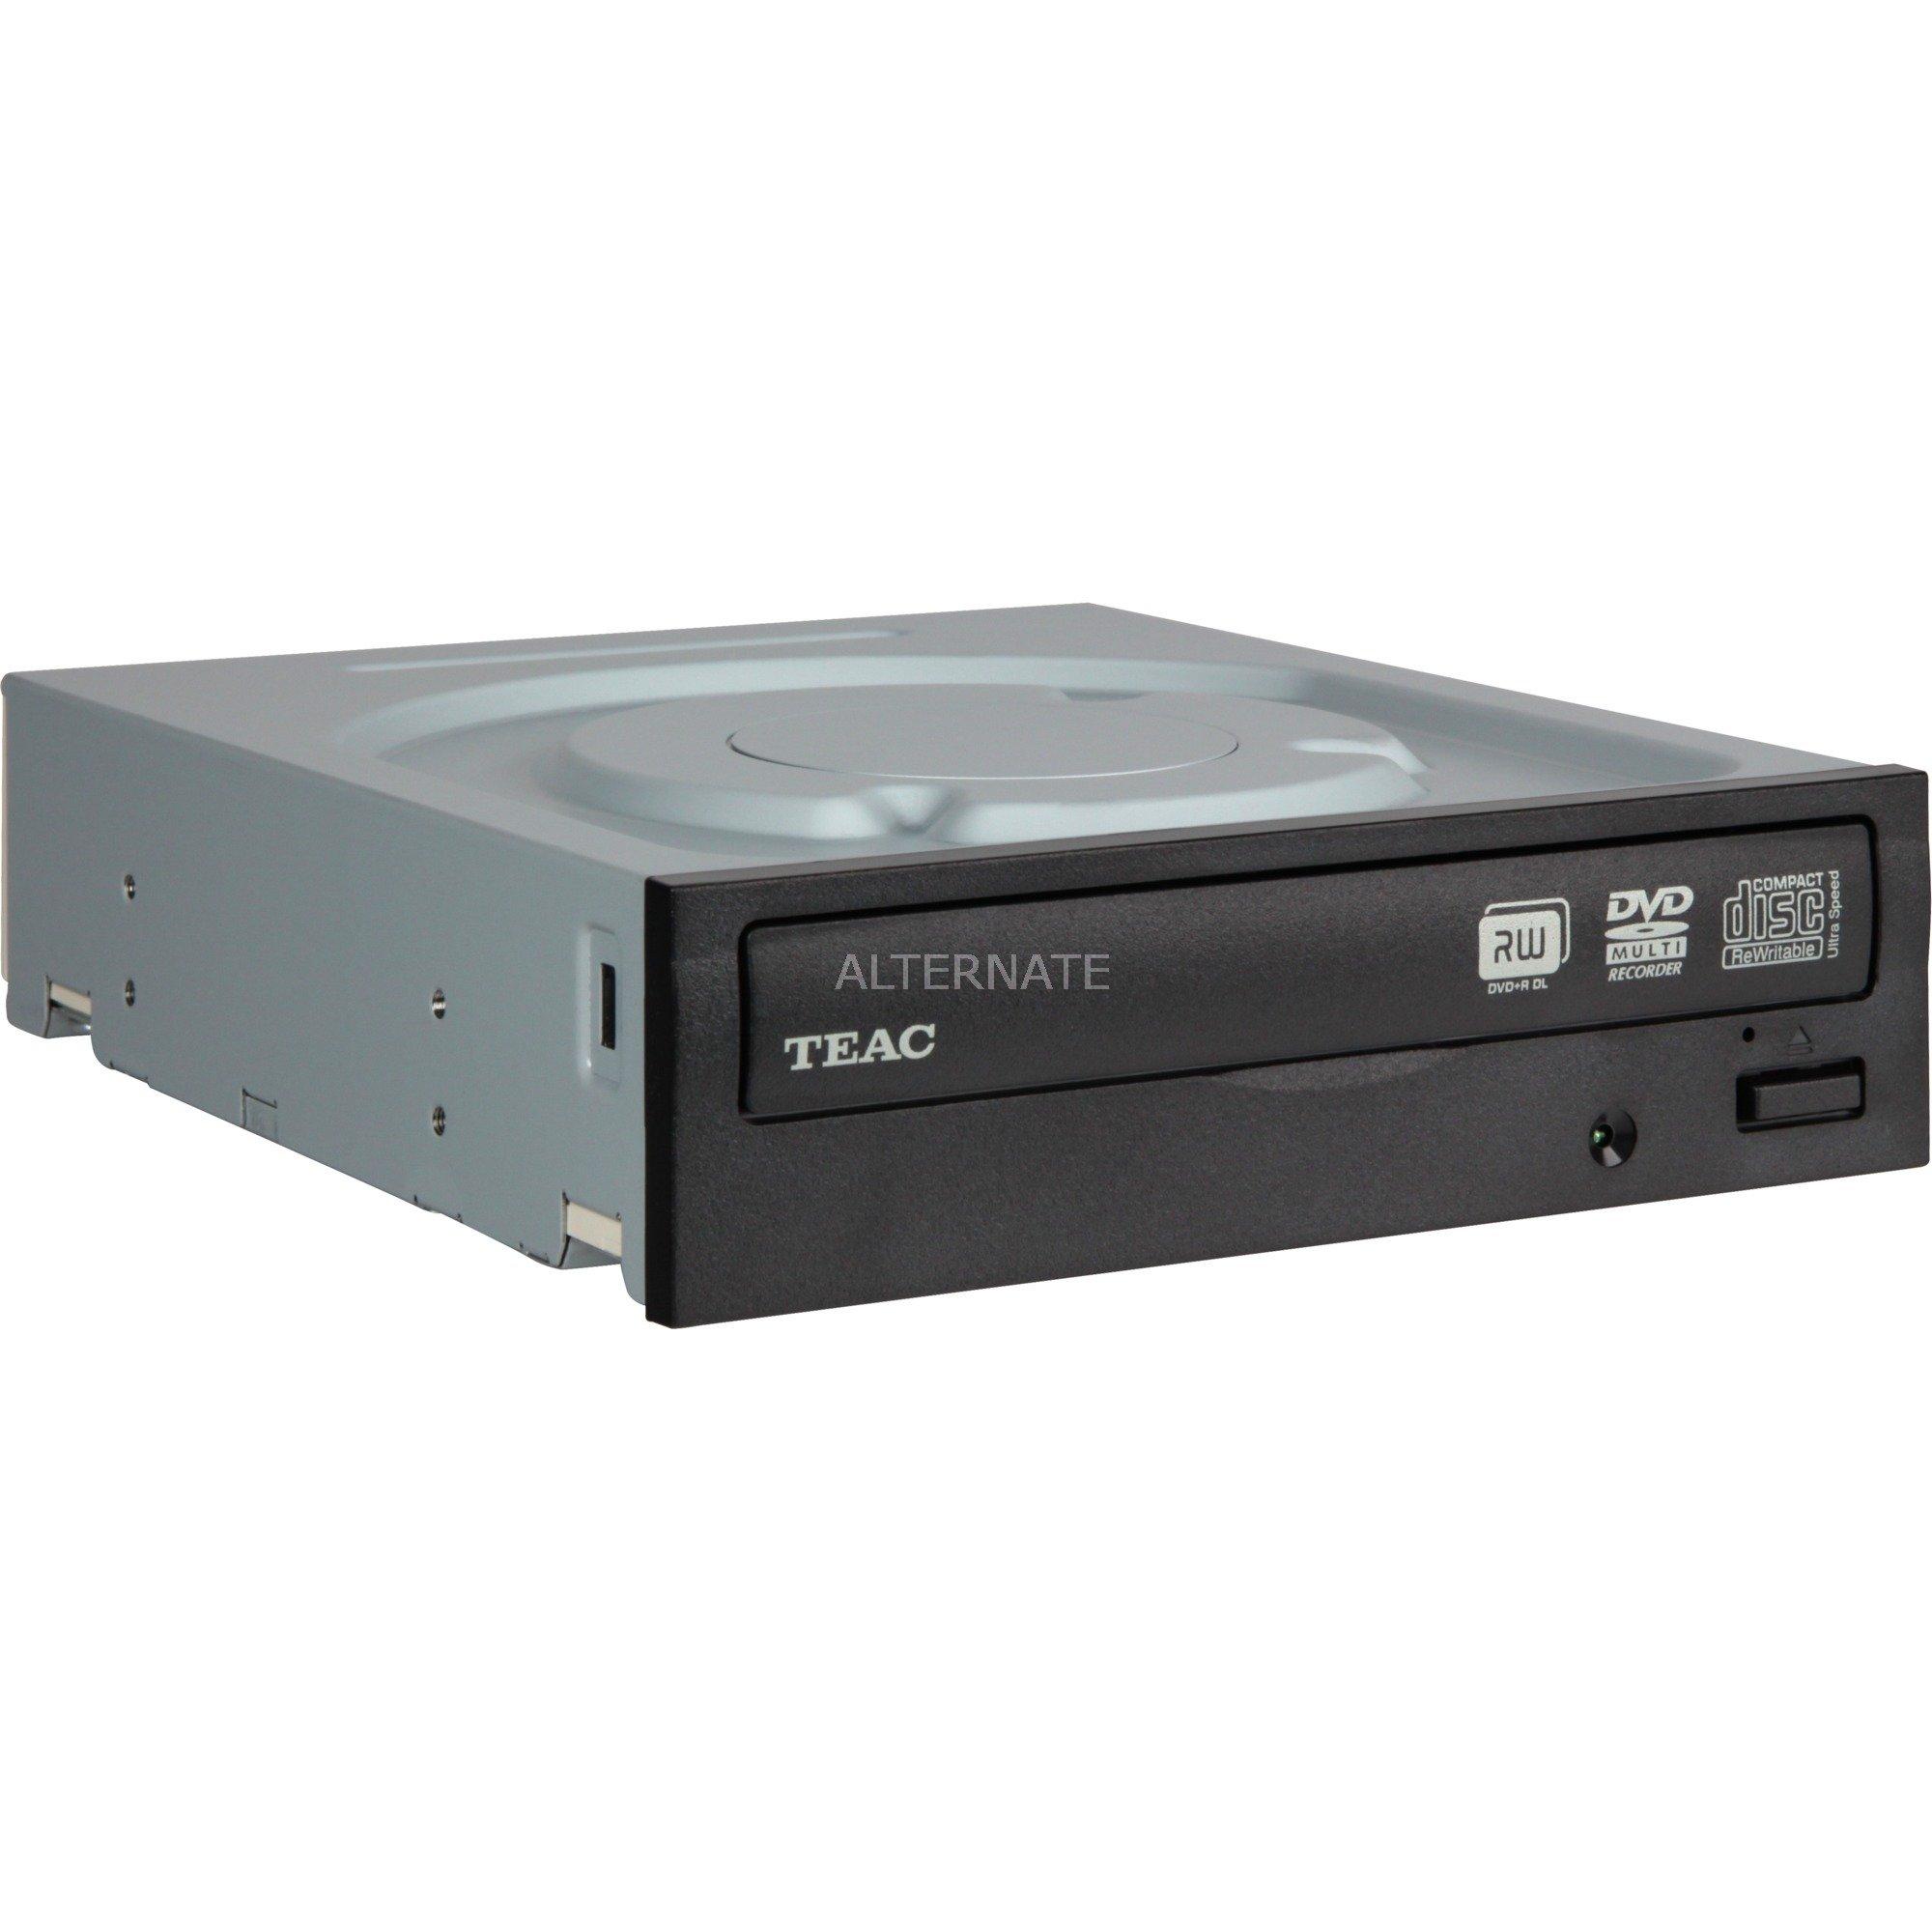 DV-W524GSD-K-EU-B-T, Graveur de DVD